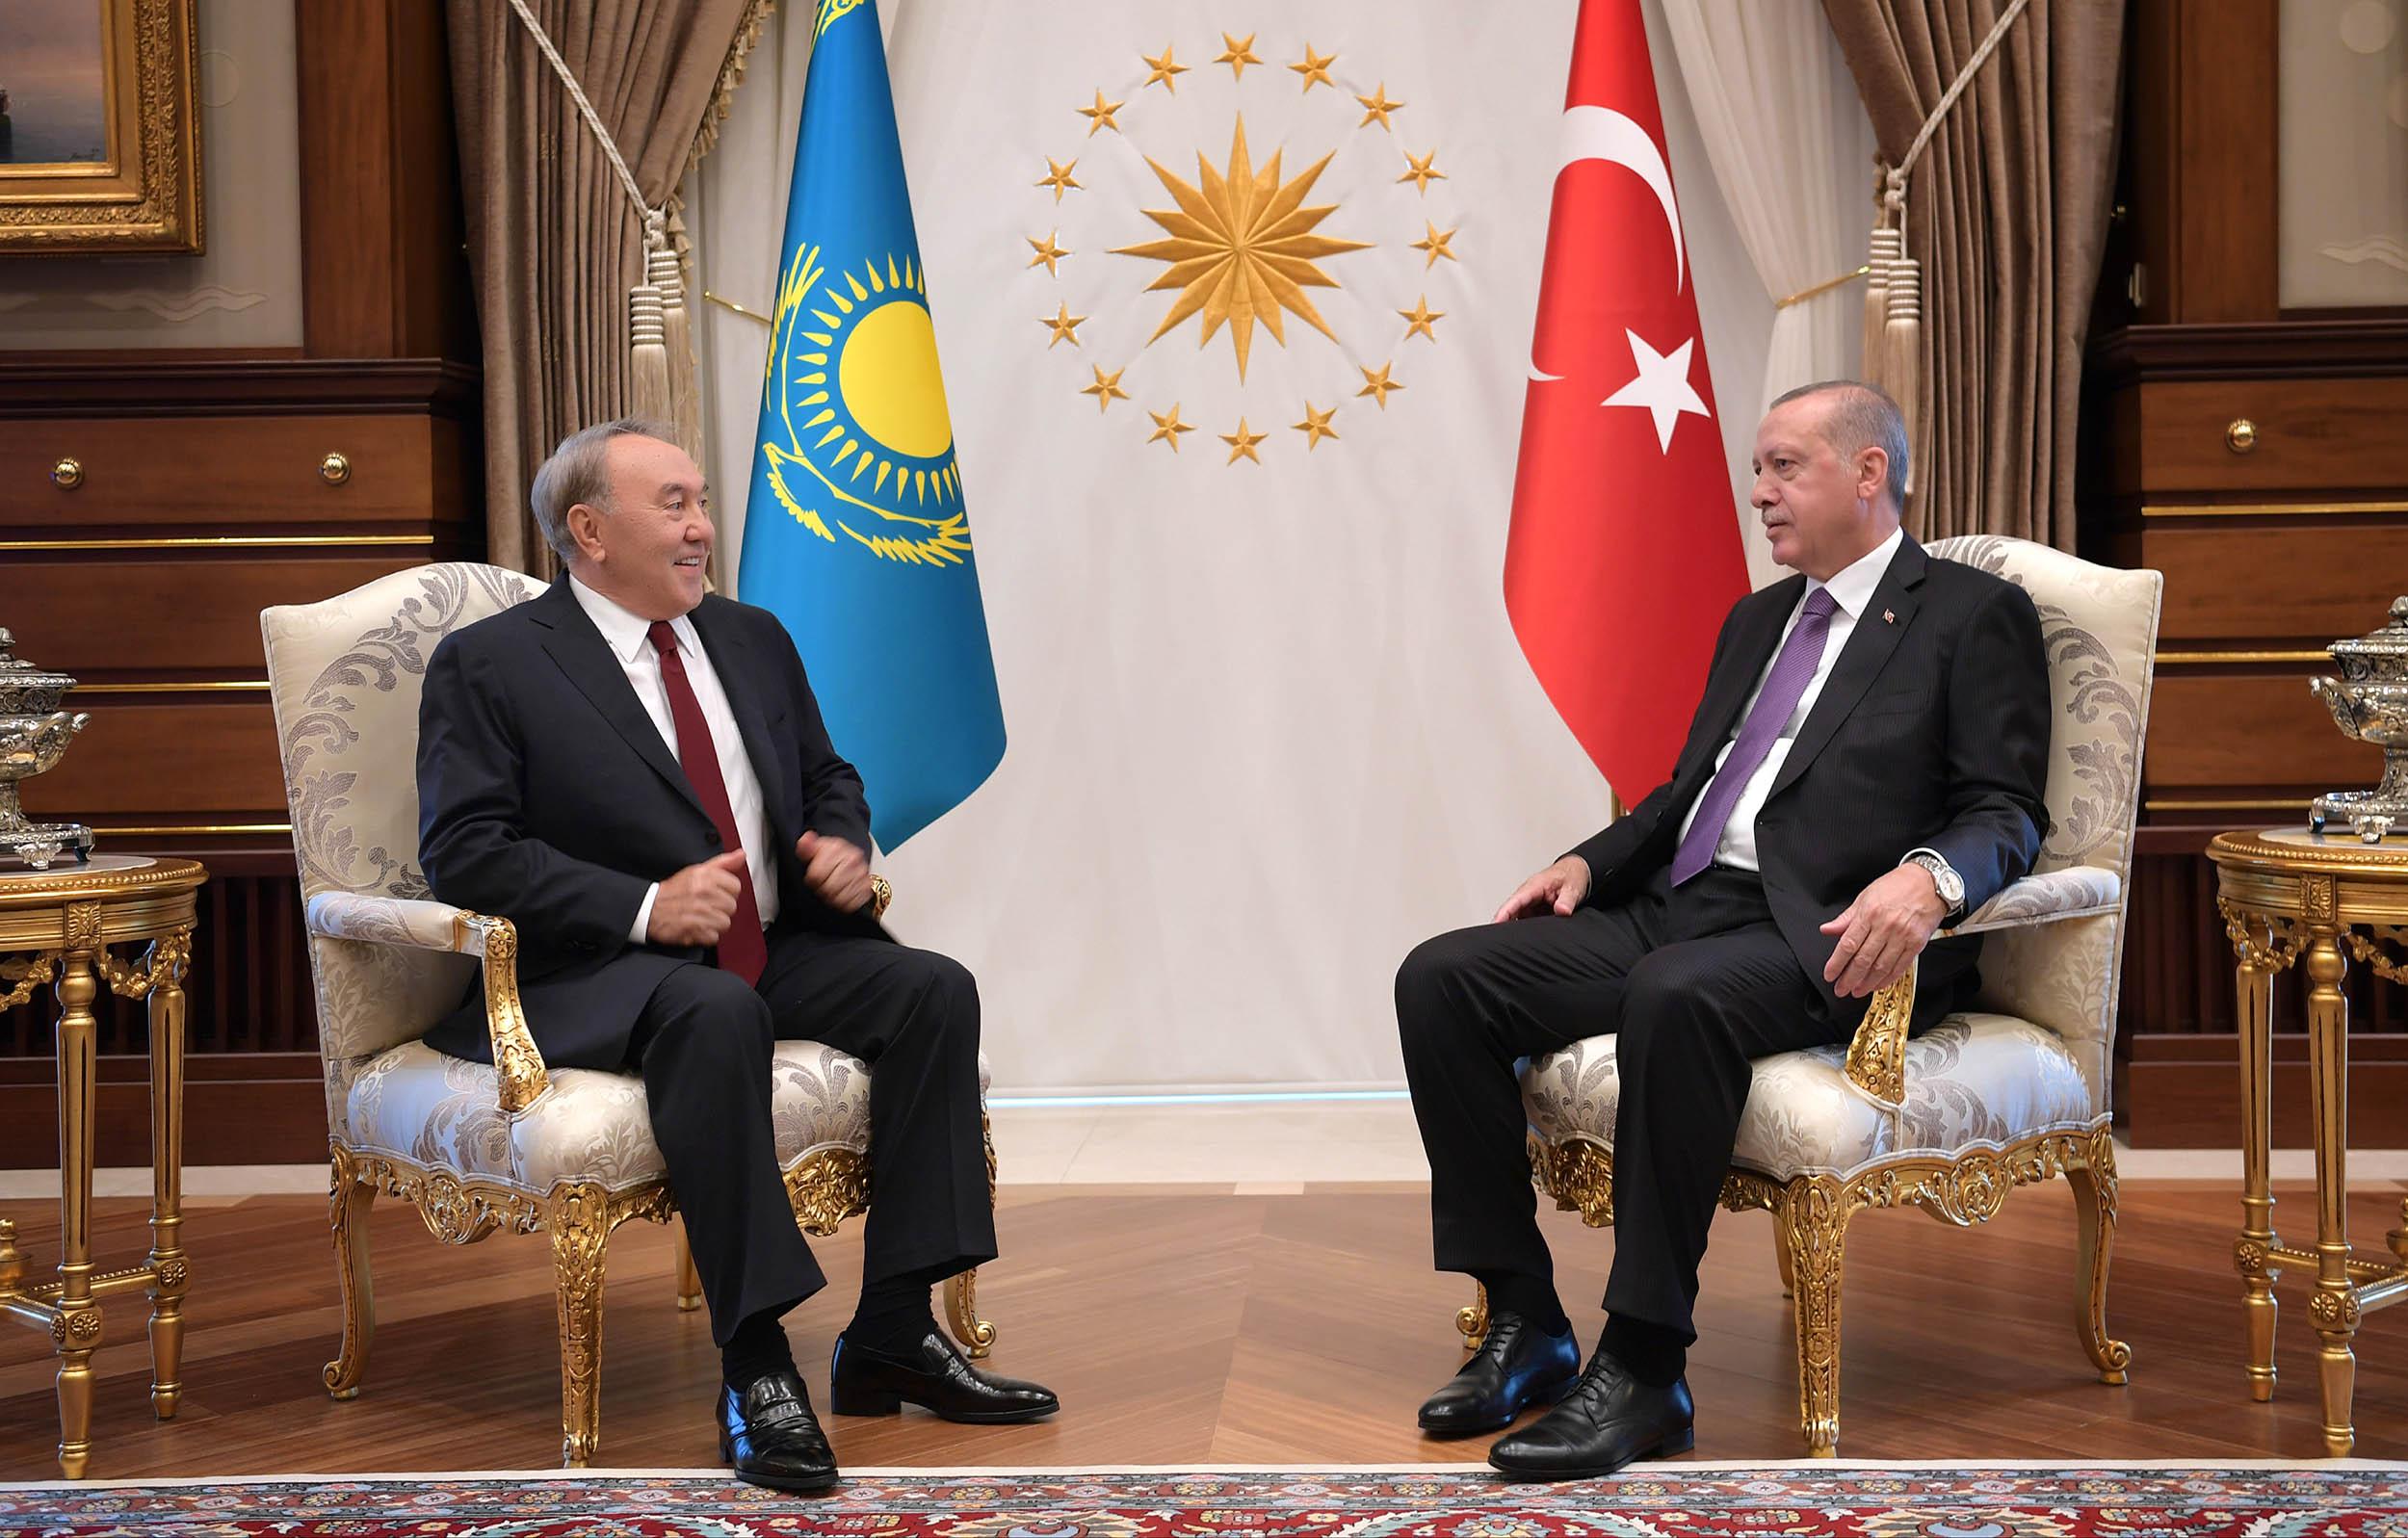 Нұрсұлтан Назарбаев пен Режеп Тайып Ердоған. Фото: Аkorda.kz